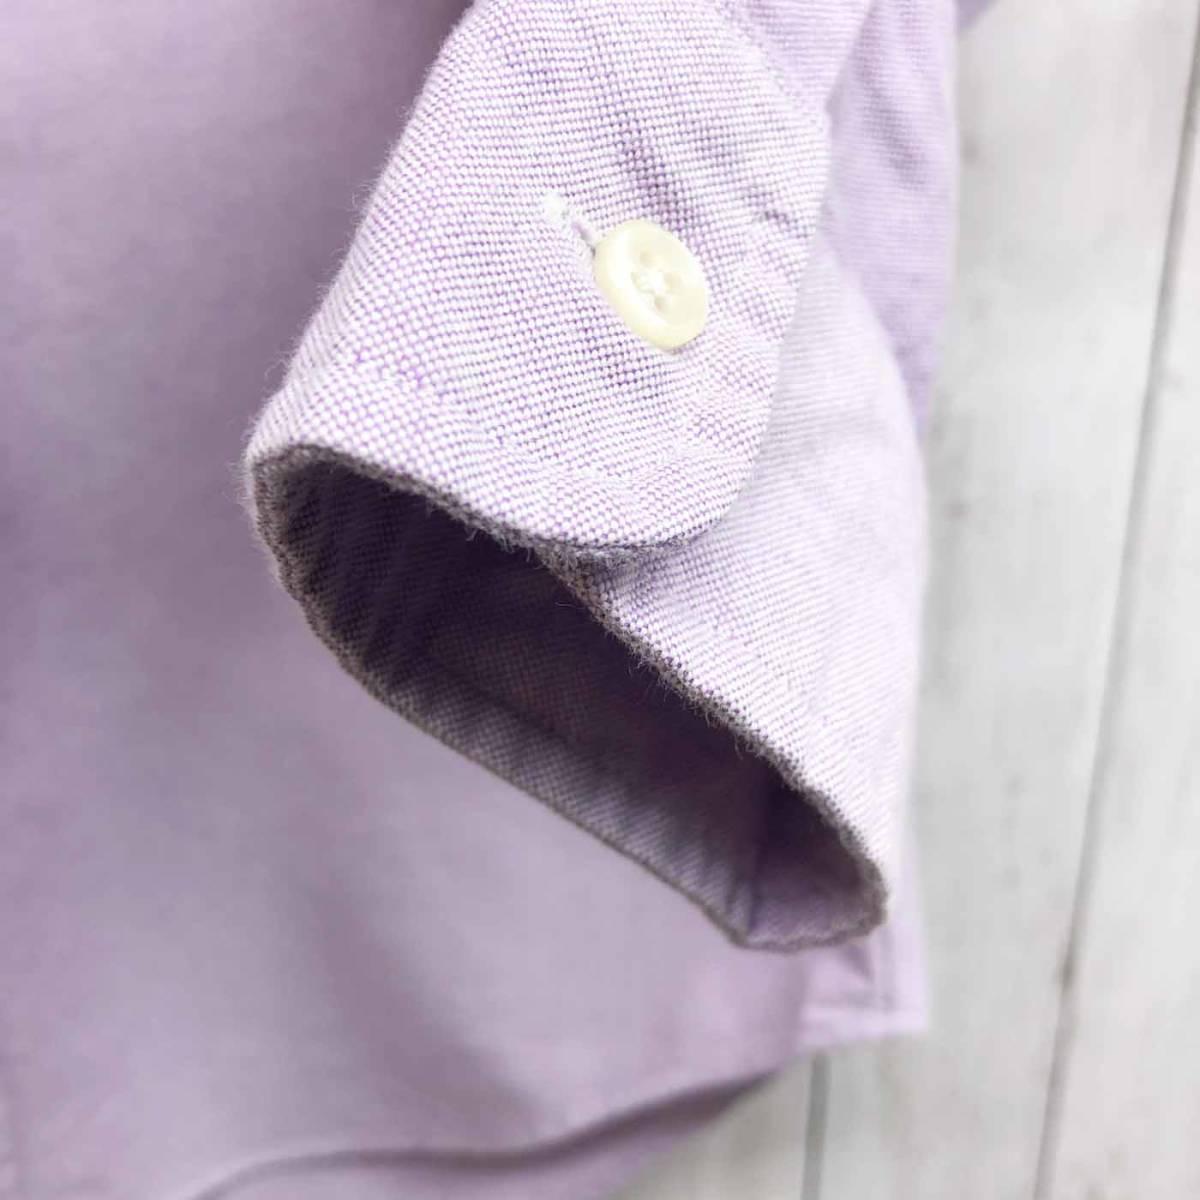 ラルフローレン POLO Ralph Lauren Polo 長袖シャツ メンズ ワンポイント Sサイズ 7-60_画像7